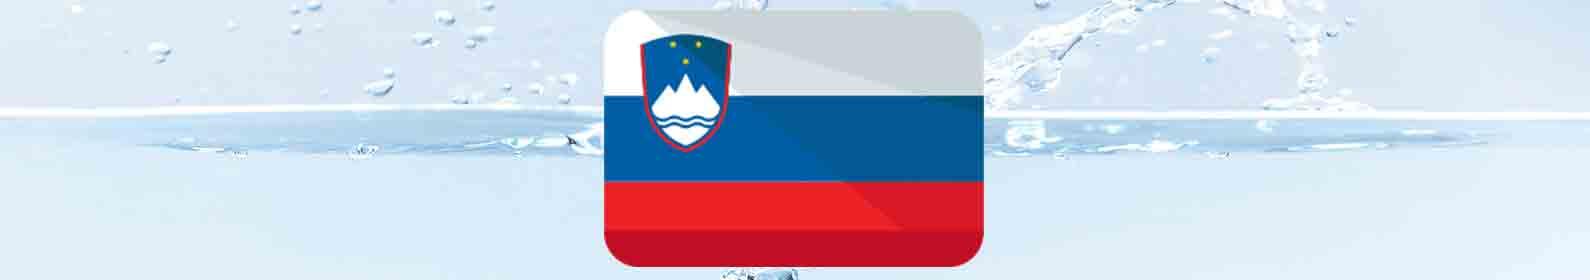 tratamento-de-agua-eslovenia.jpg